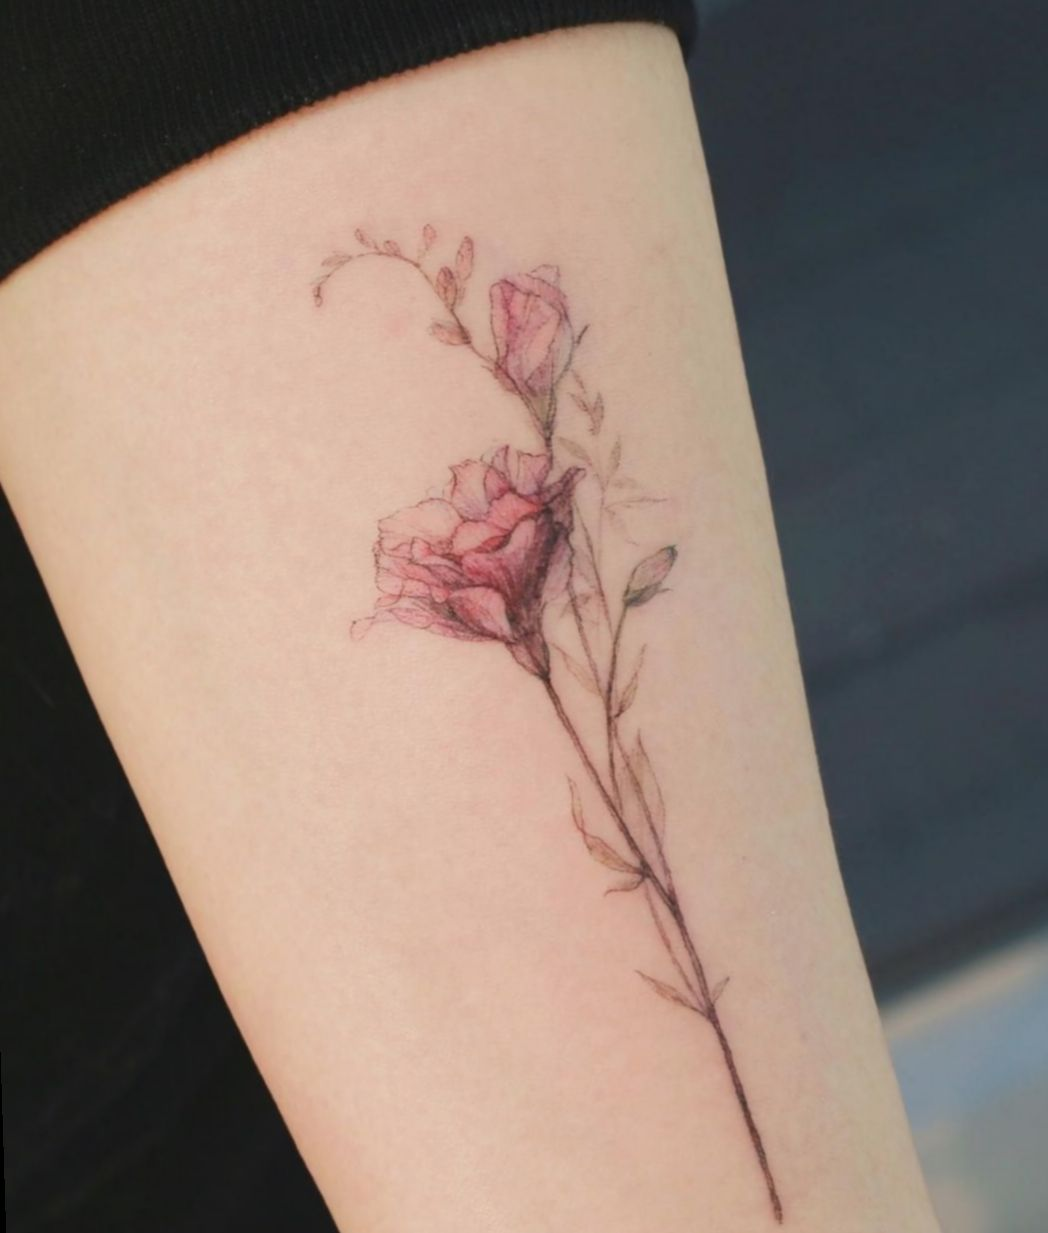 Pin Von Lea Oggier Auf Tattoos In 2020 Mohnblumen Tattoo Tatowierungen Blumen Tattoo Rucken